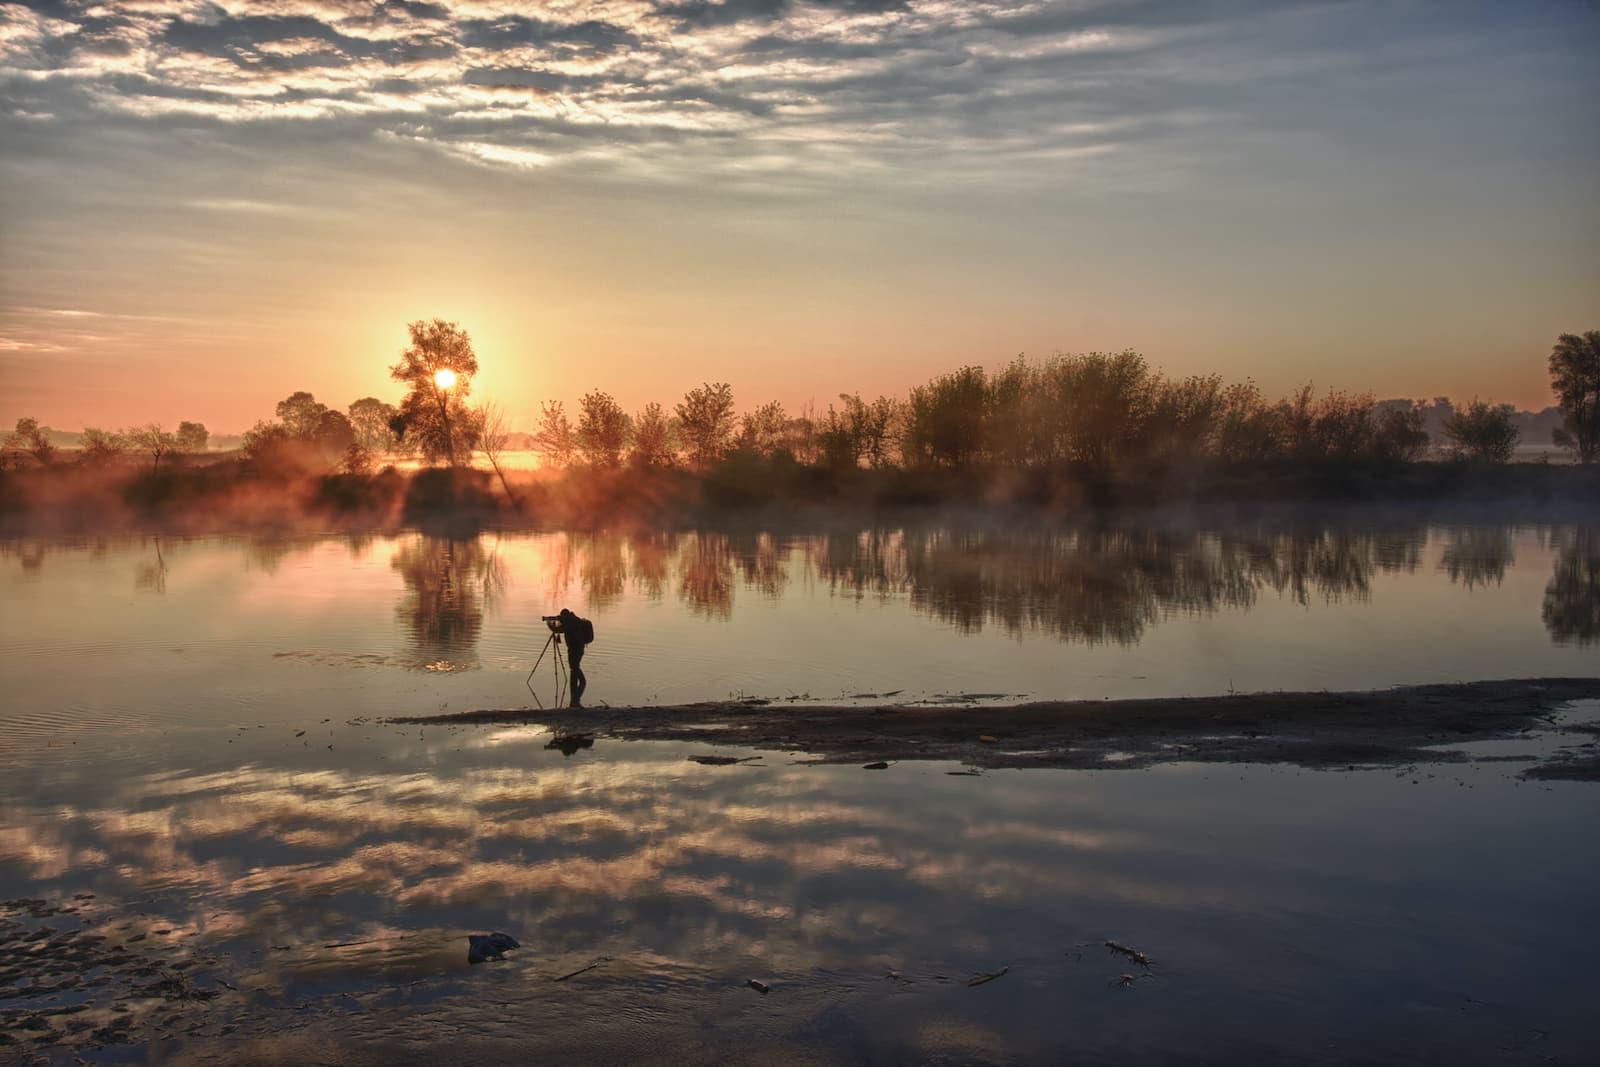 Jeśli nie za granicę, to gdzie na wakacje? Odkrywamy piękno Polski